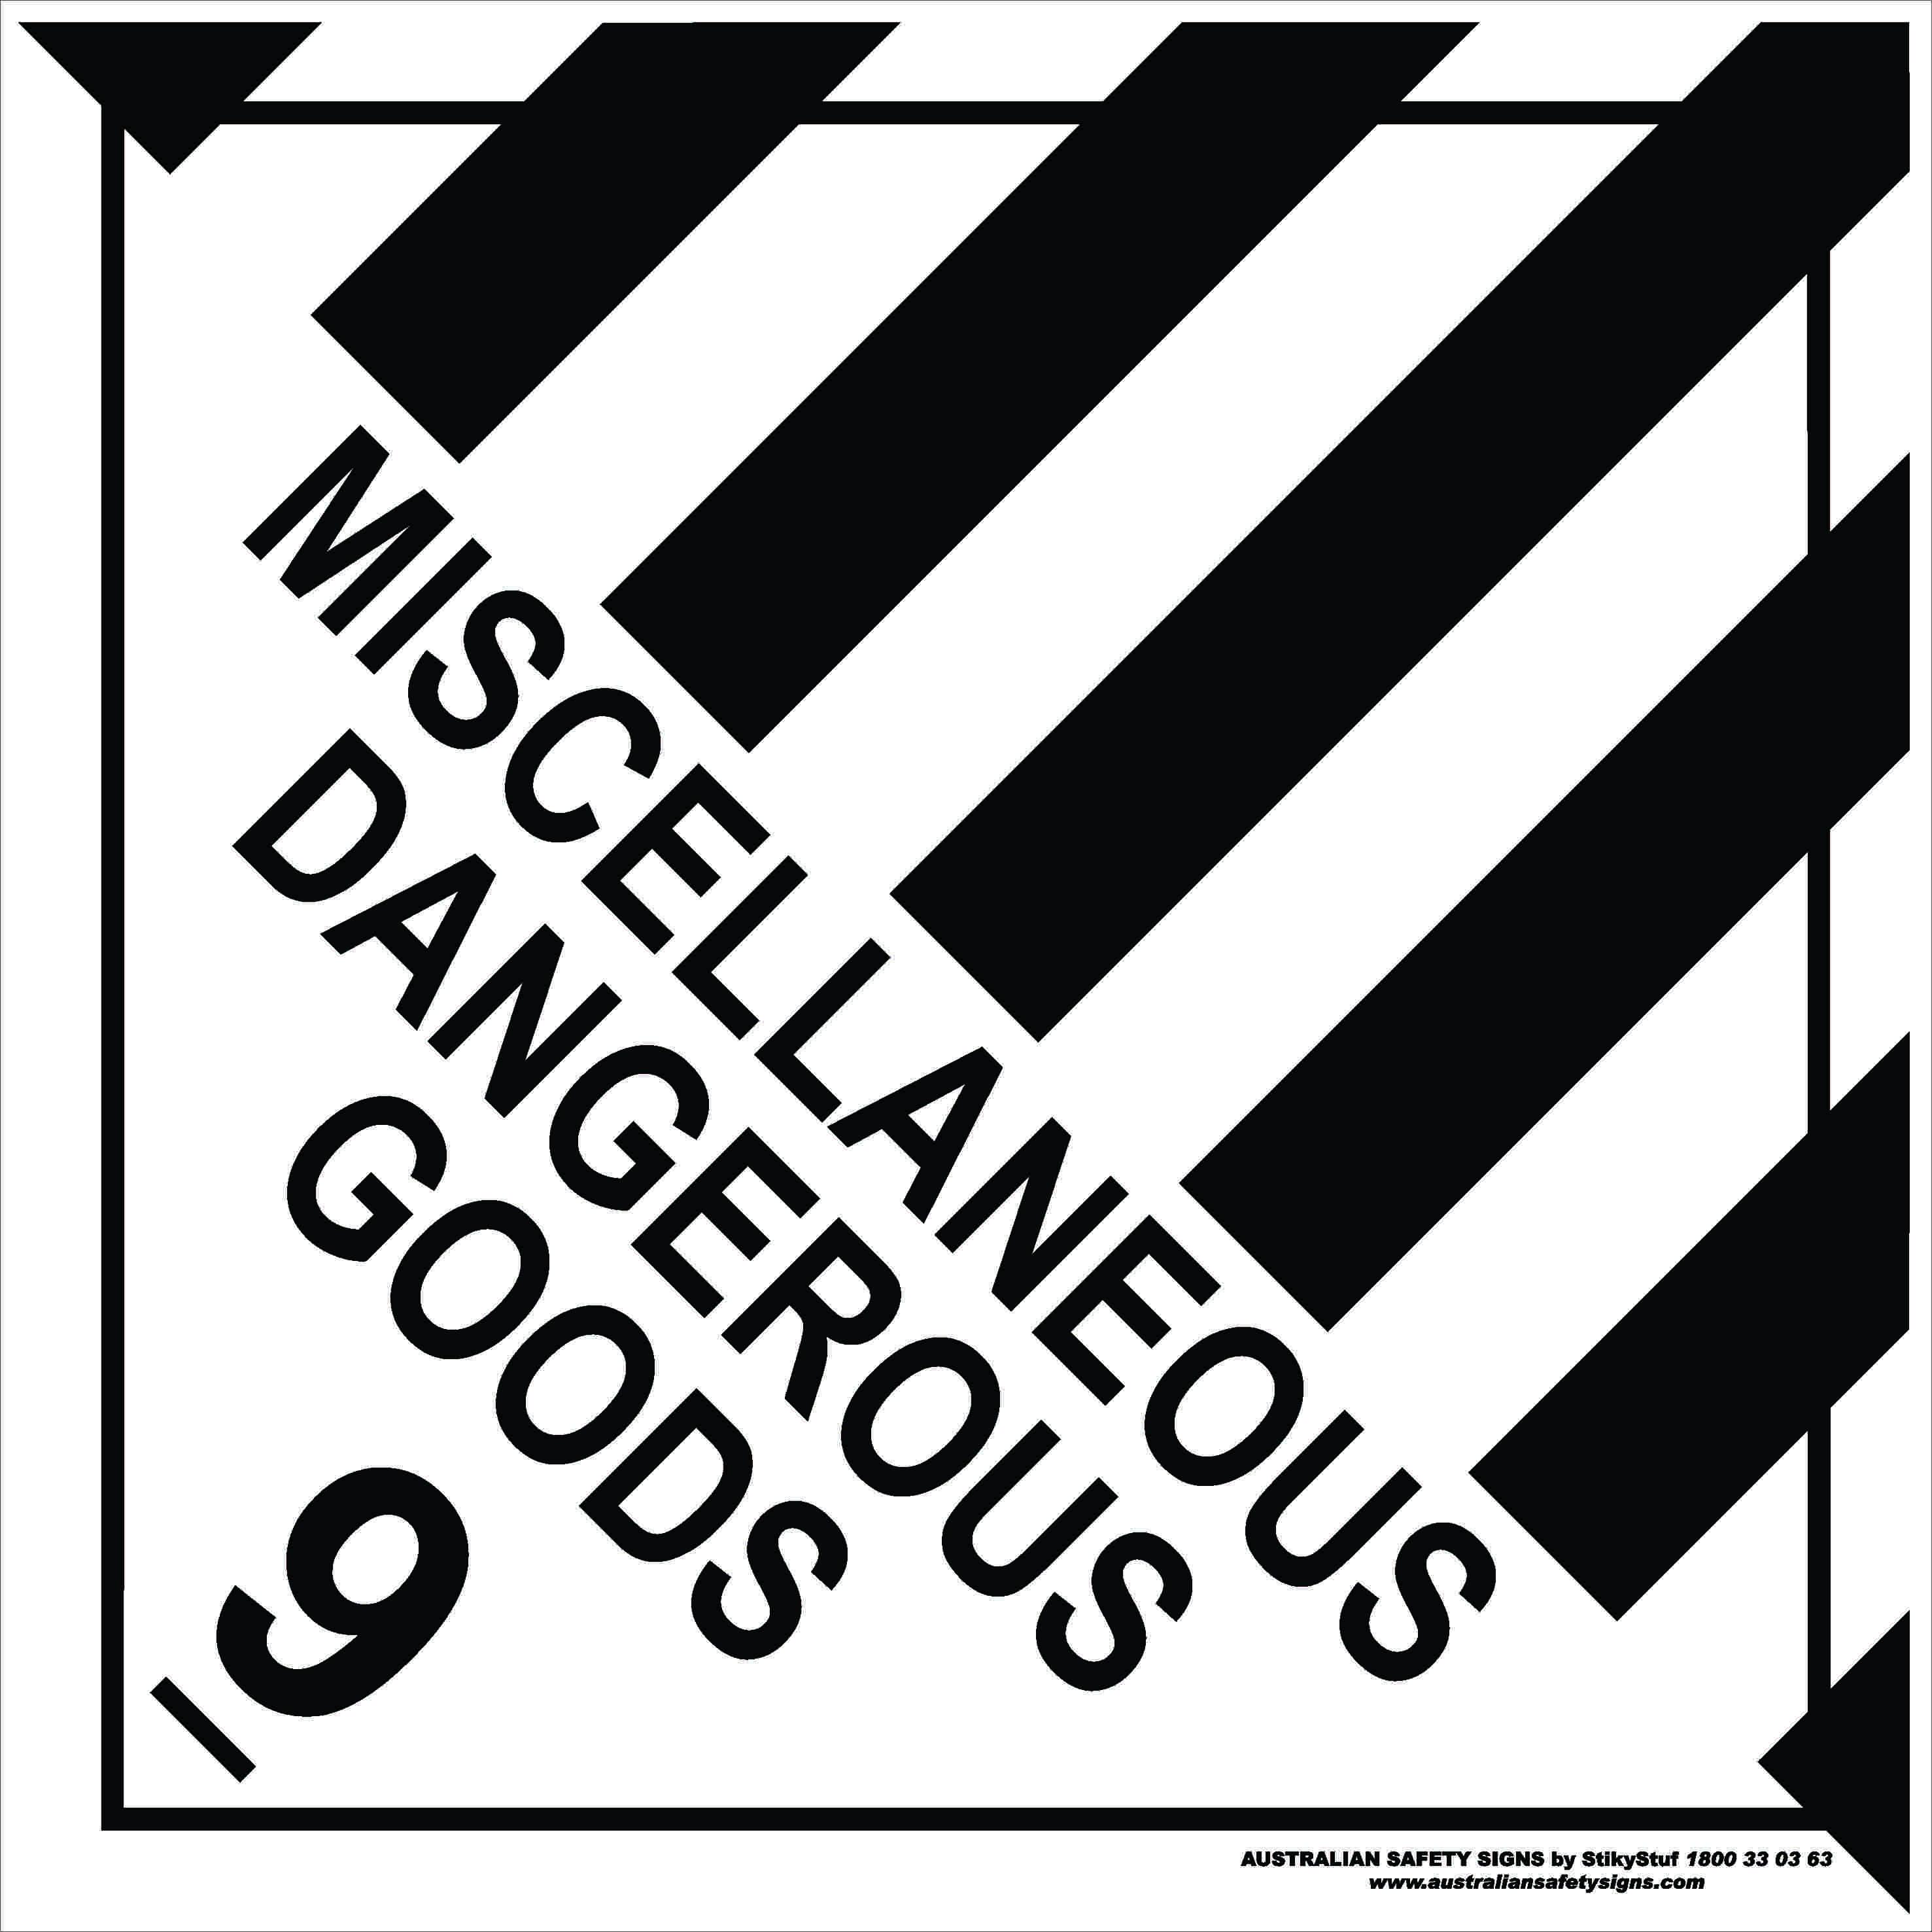 Hazchem Signs CLASS 9 - MISCELLANEOUS DANGEROUS GOODS